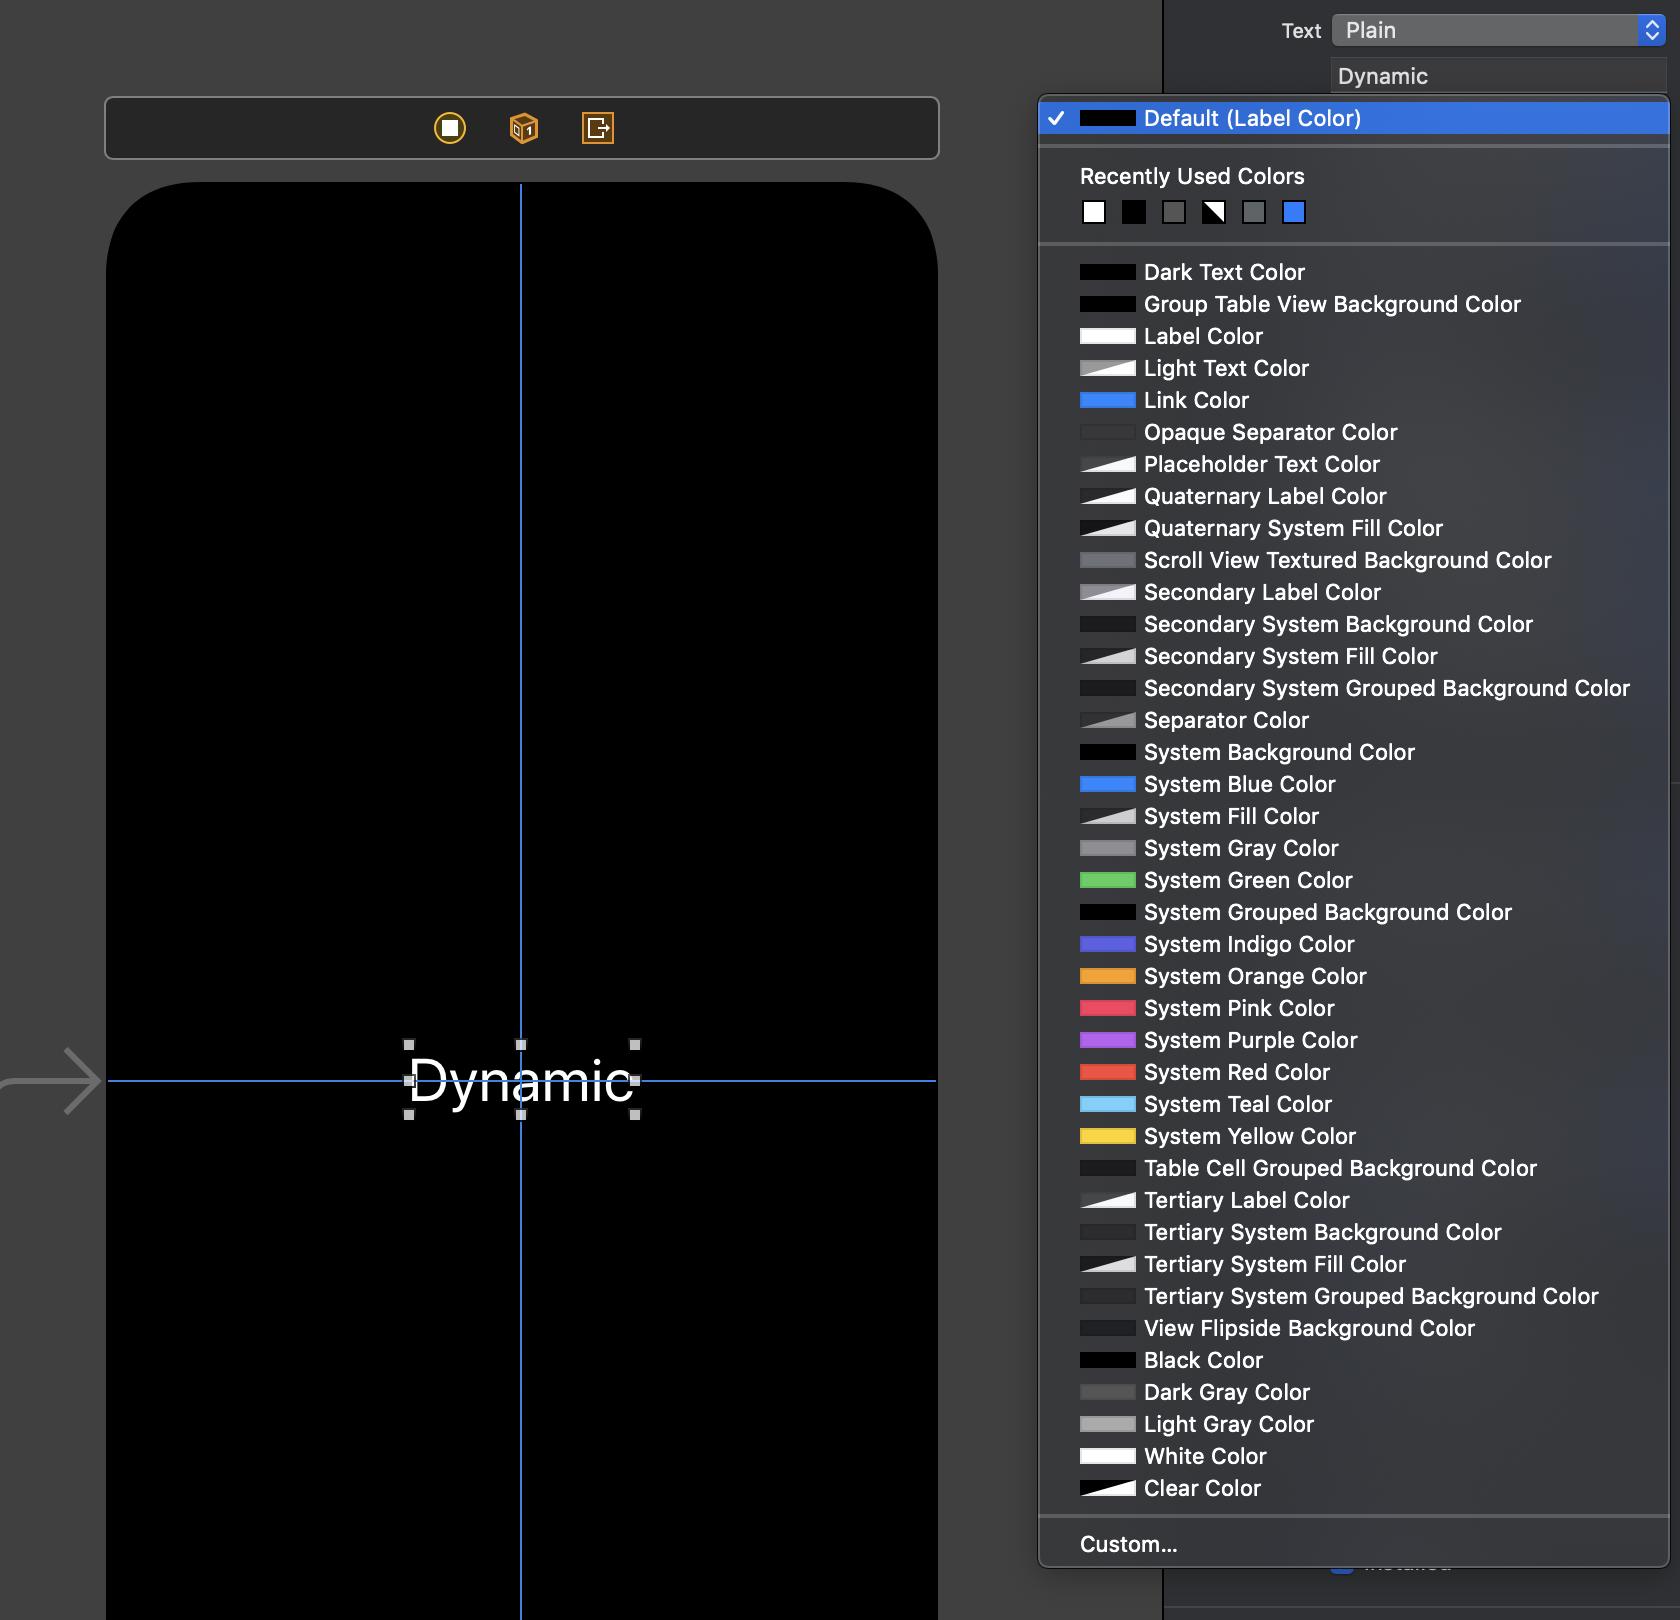 """Die Dynamic Colors reihen sich nahtlos in die """"statischen"""" Farben ein und sind an beschreibenden Titeln wie """"Label Color"""" oder Wörtern wie """"System"""" zu erkennen."""